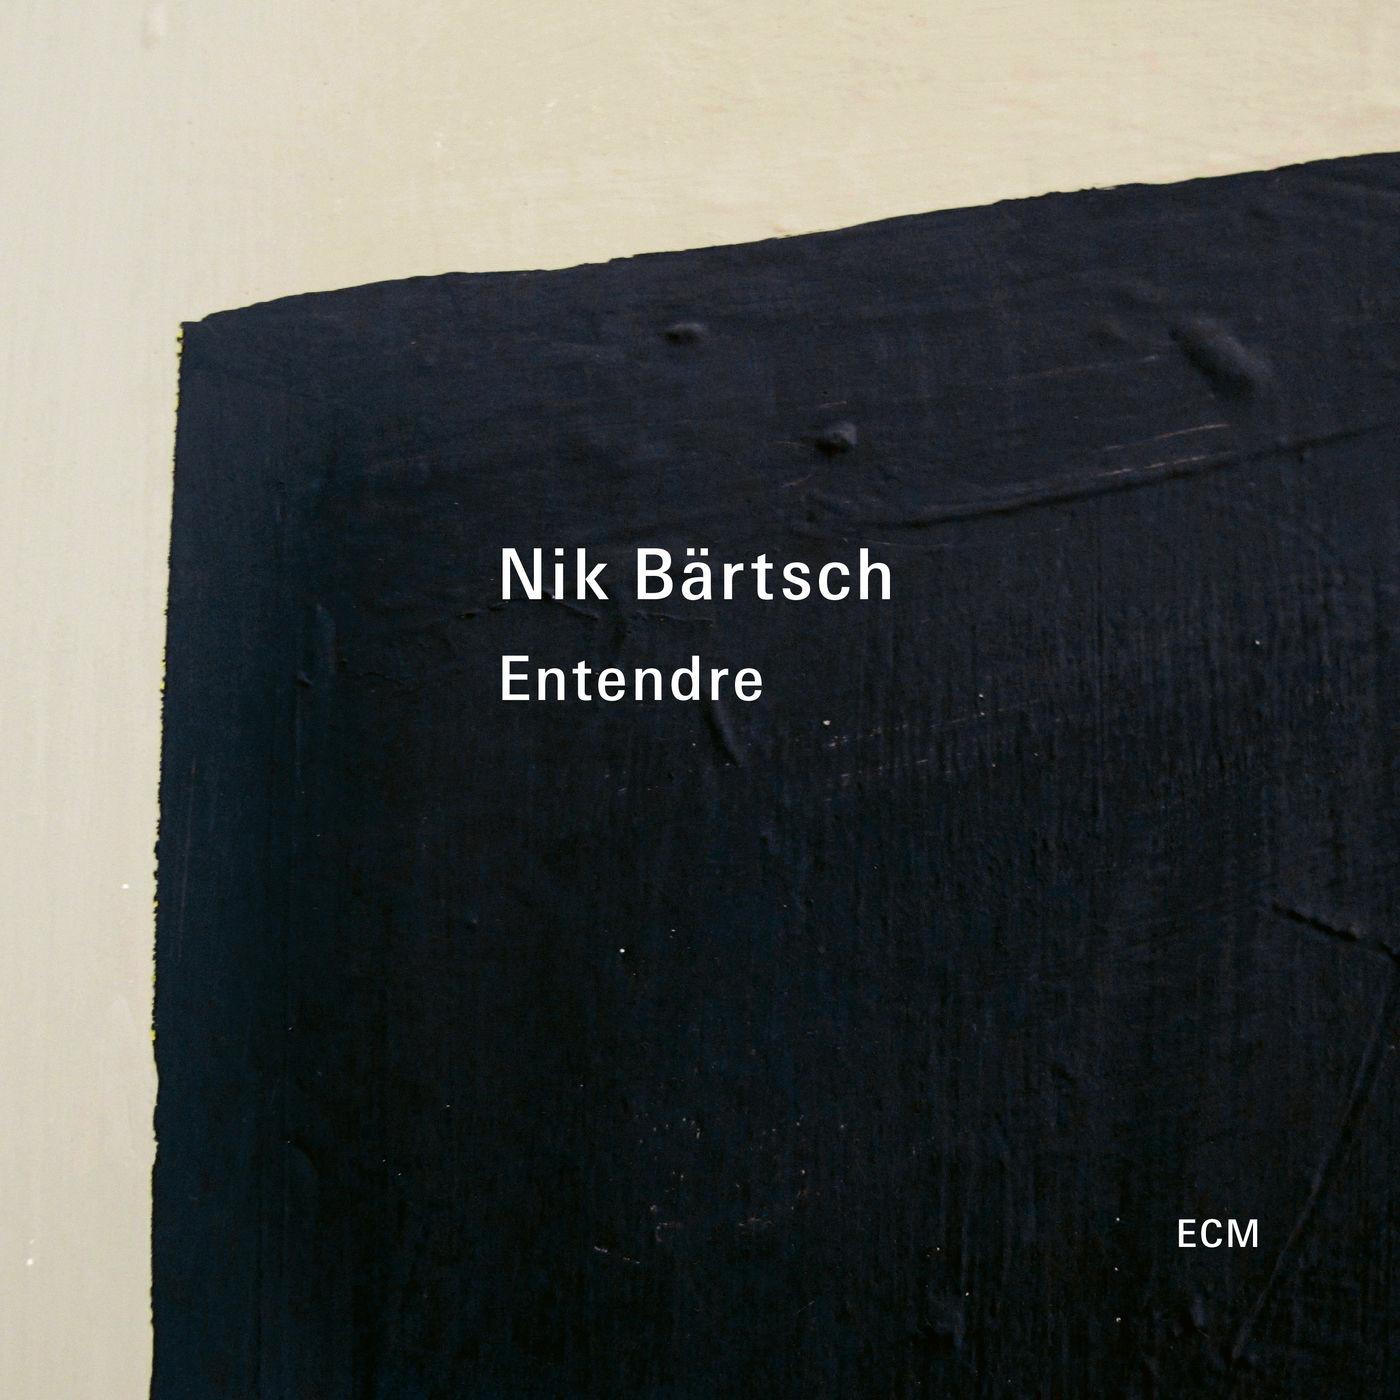 Nik Bärtsch - Entendre (2021)